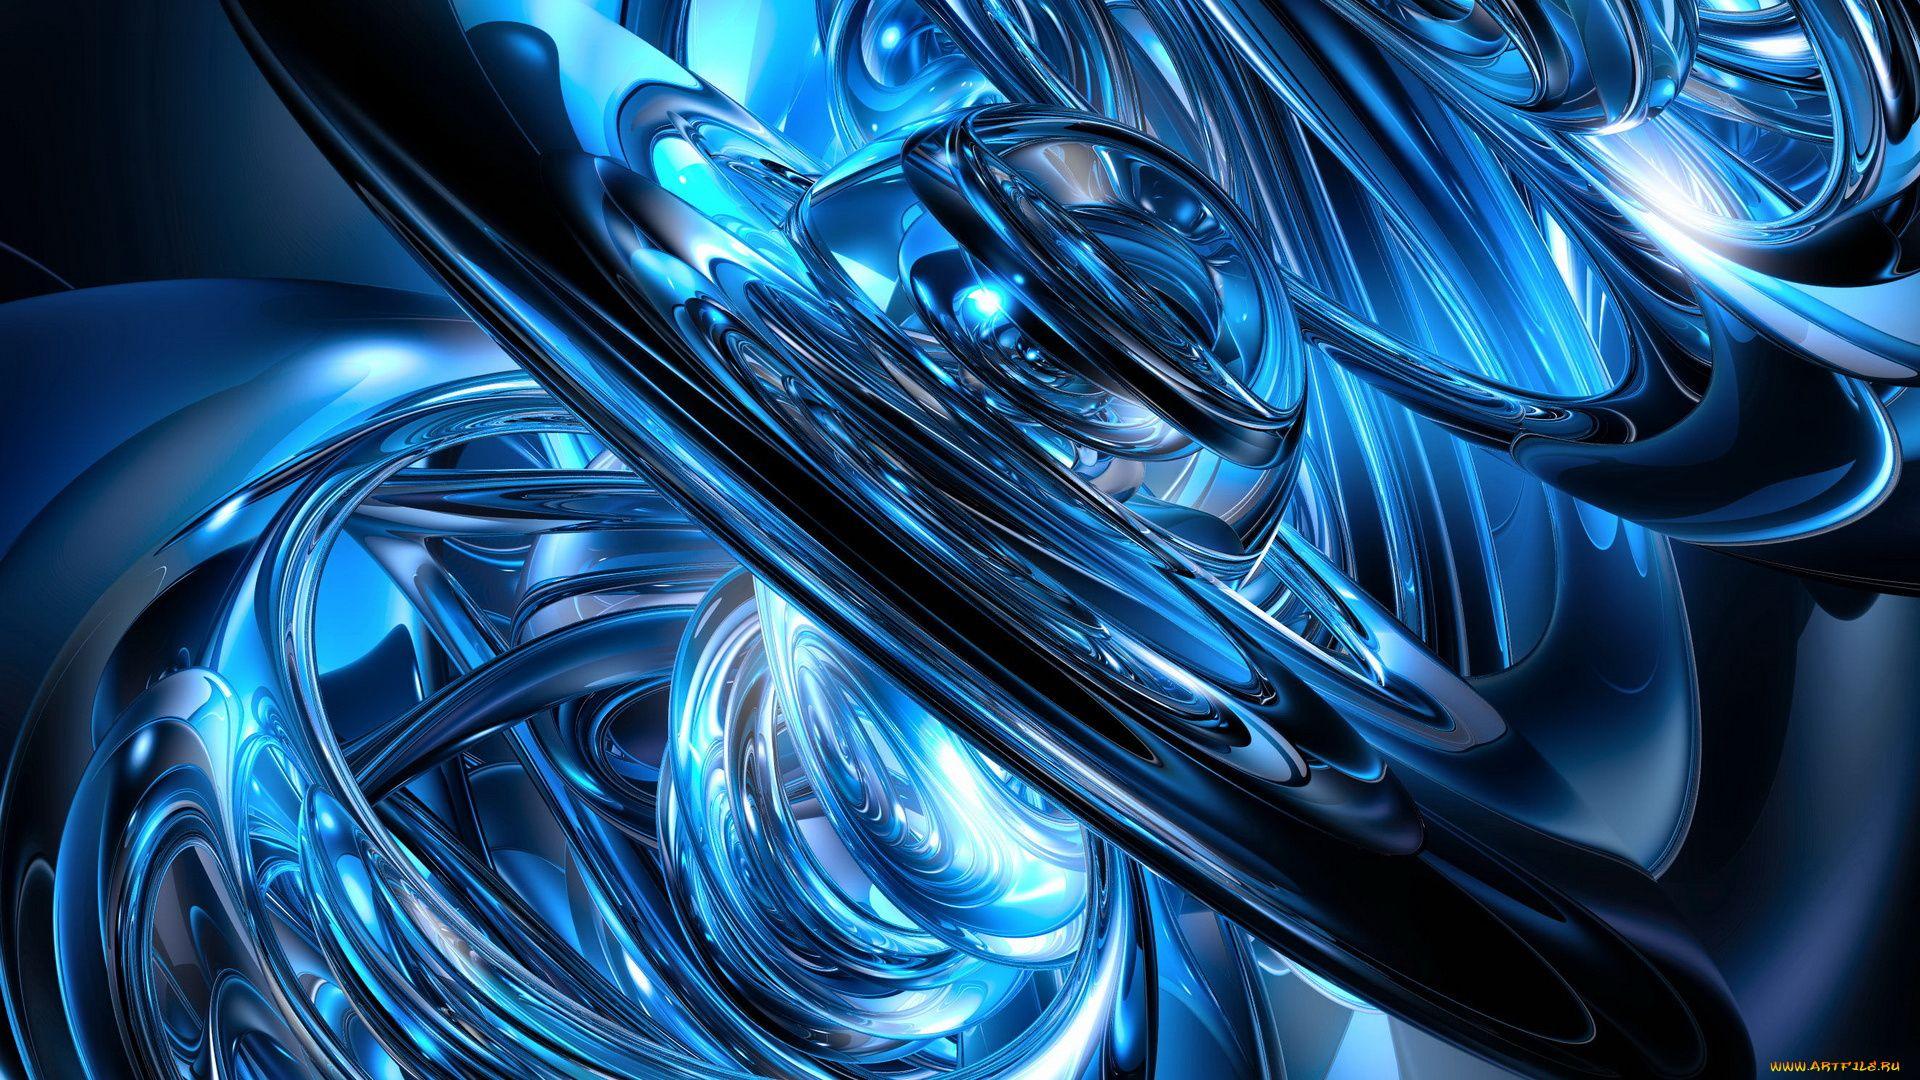 Wallpaper Abstract 3d Blue Samsung